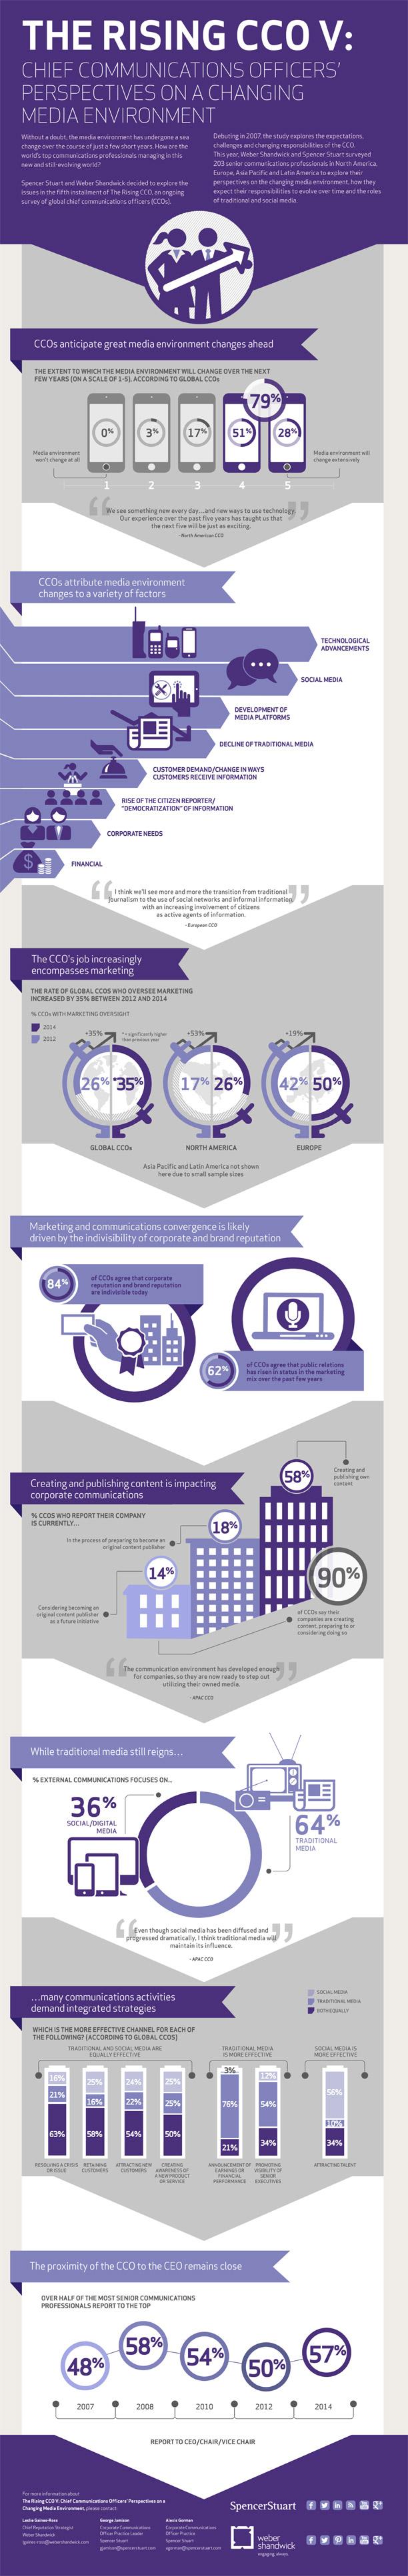 rising-cco-v-infographic